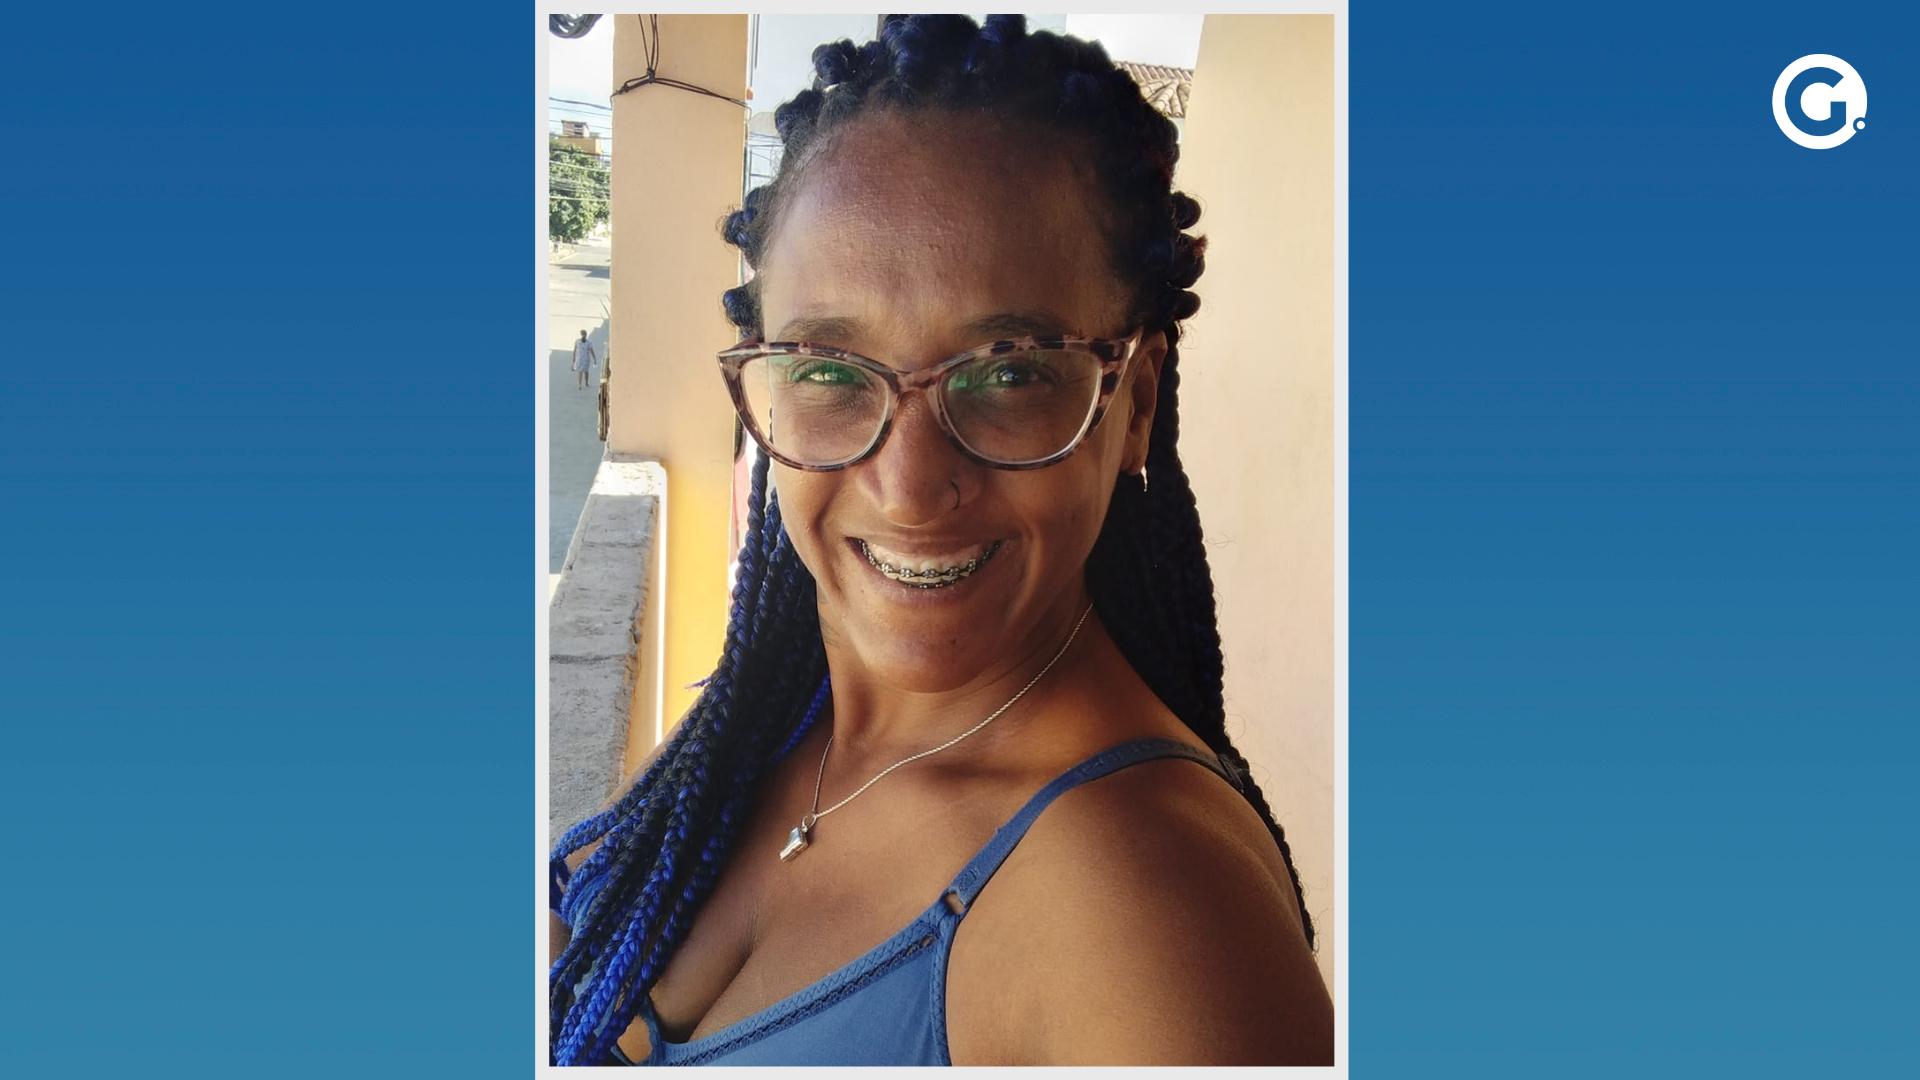 Charlene de Lemes Gonçalves, de 40 anos. Crédito: Reprodução redes sociais